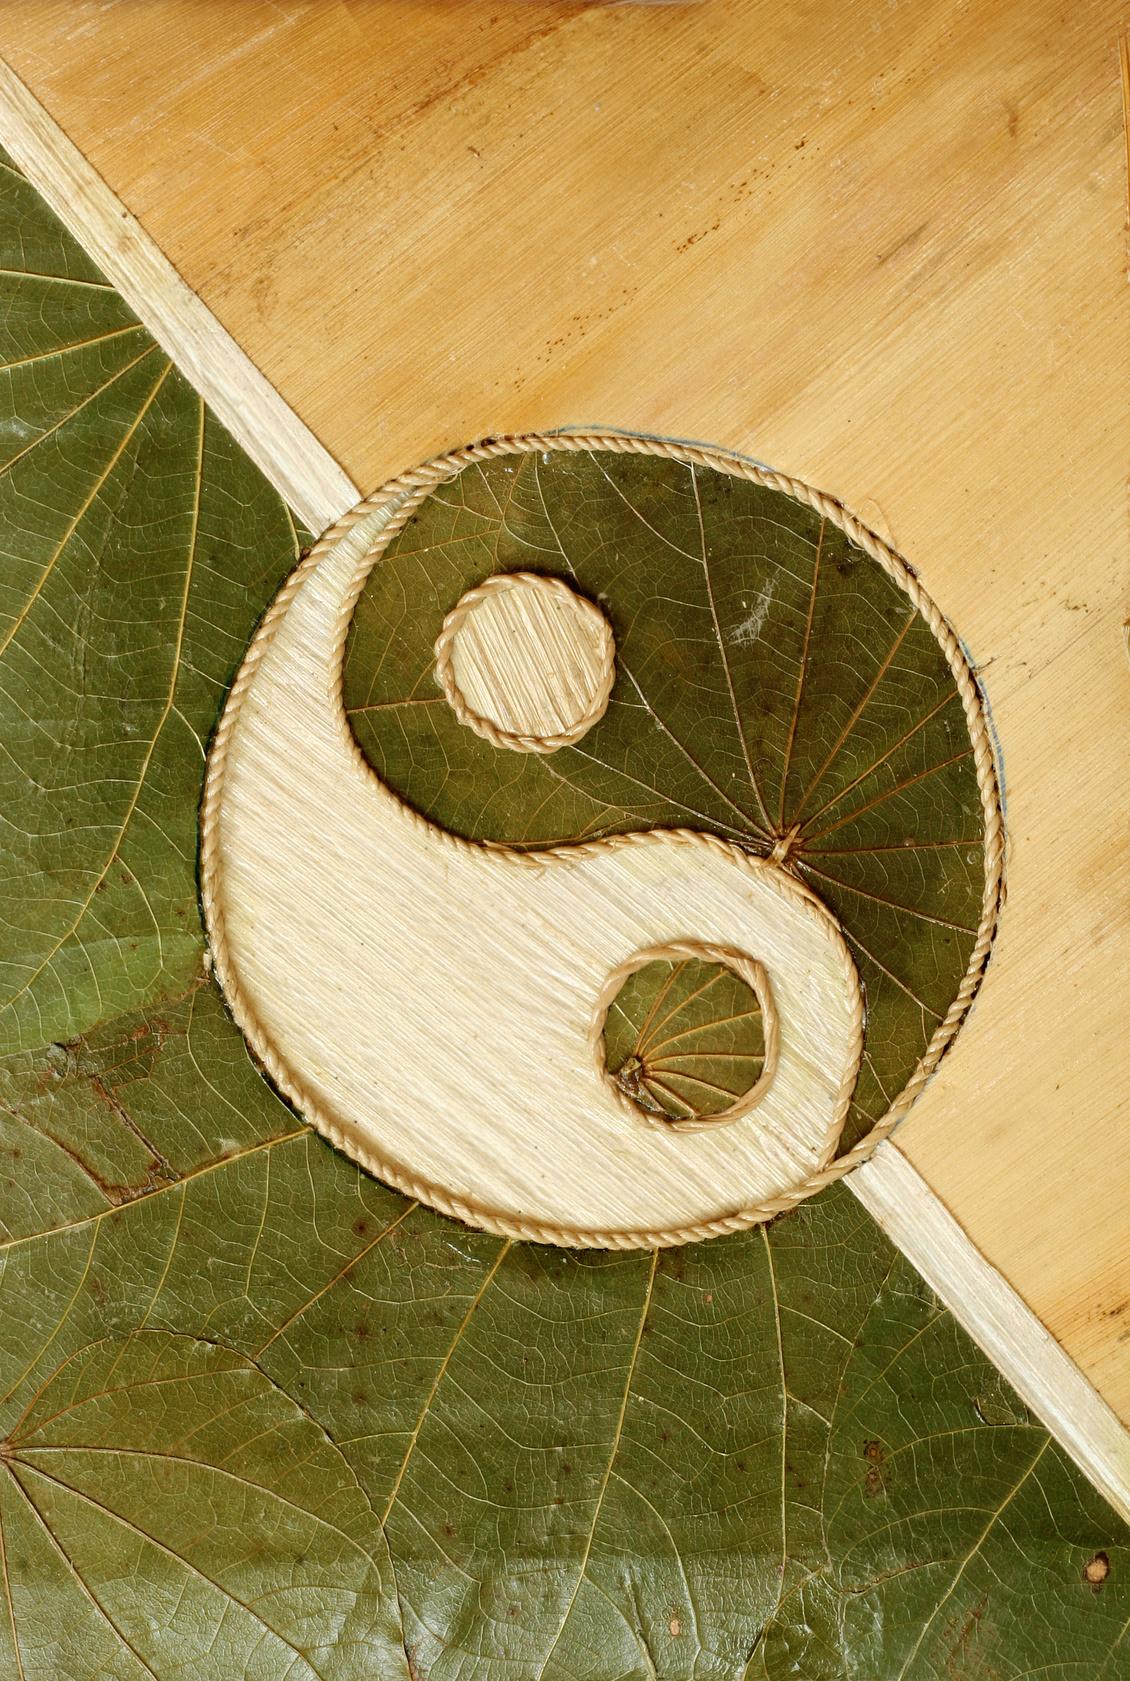 standardyingyangdriedleaves_acupuncture.guru Nailsworth Glos